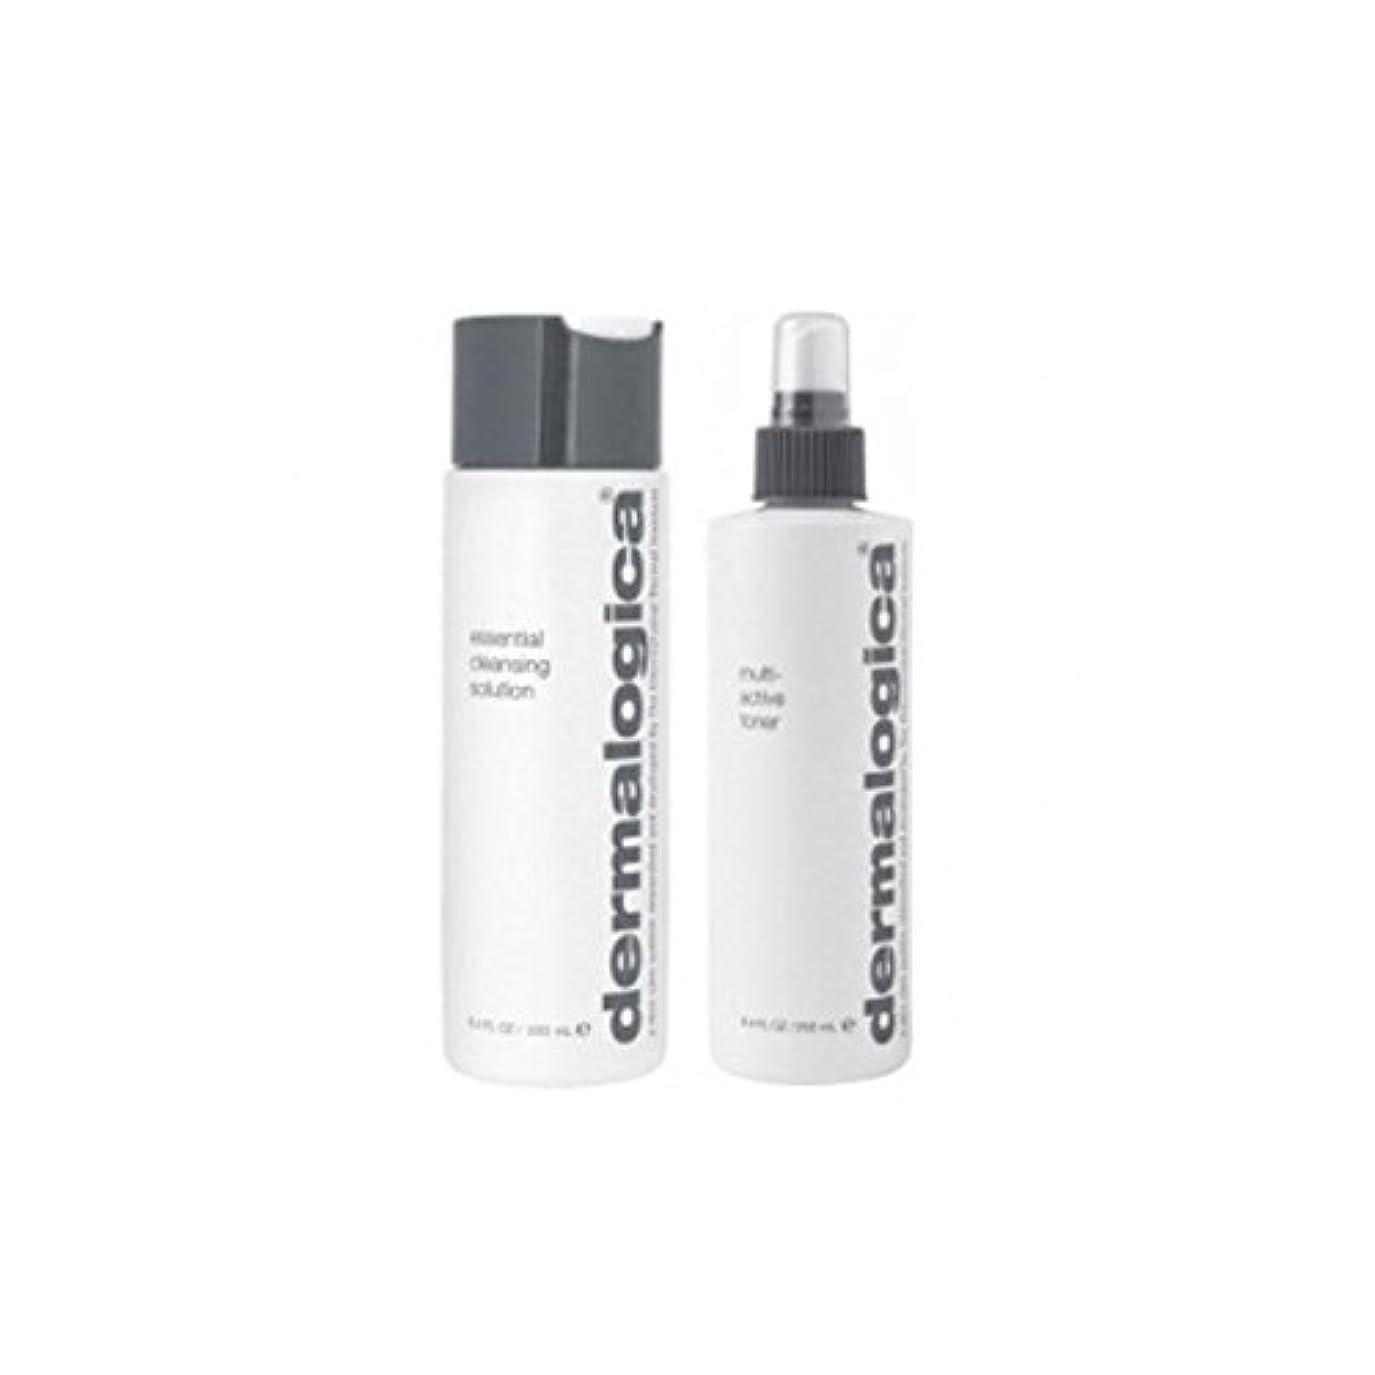 悪い有力者入場Dermalogica Cleanse & Tone Duo - Dry Skin (Pack of 6) - ダーマロジカクレンジング&トーンデュオ - 乾燥肌 x6 [並行輸入品]